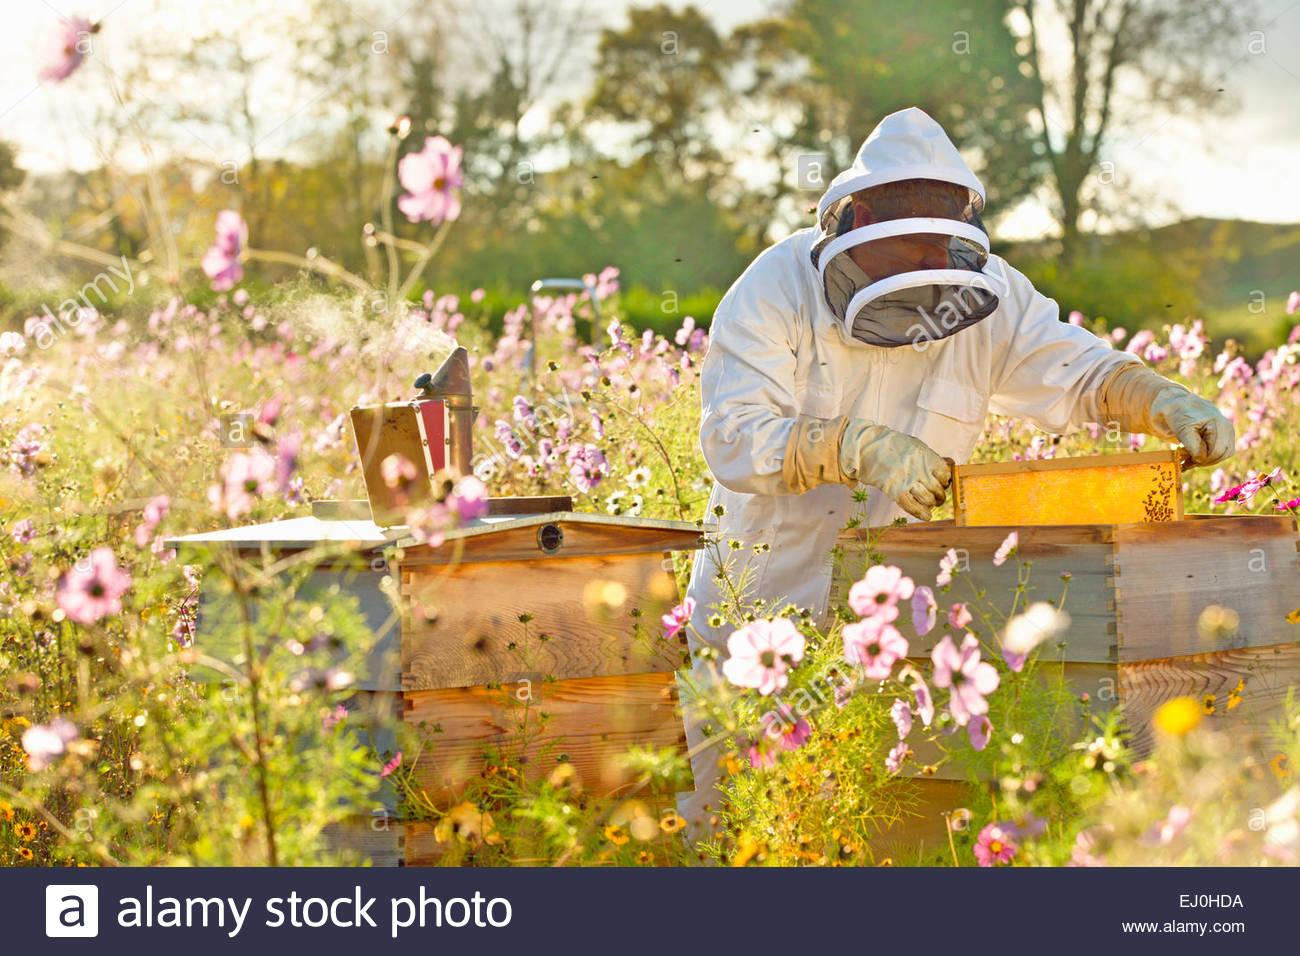 Apicoltore rimozione telaio dal Beehive nel campo pieno di fiori Immagini Stock